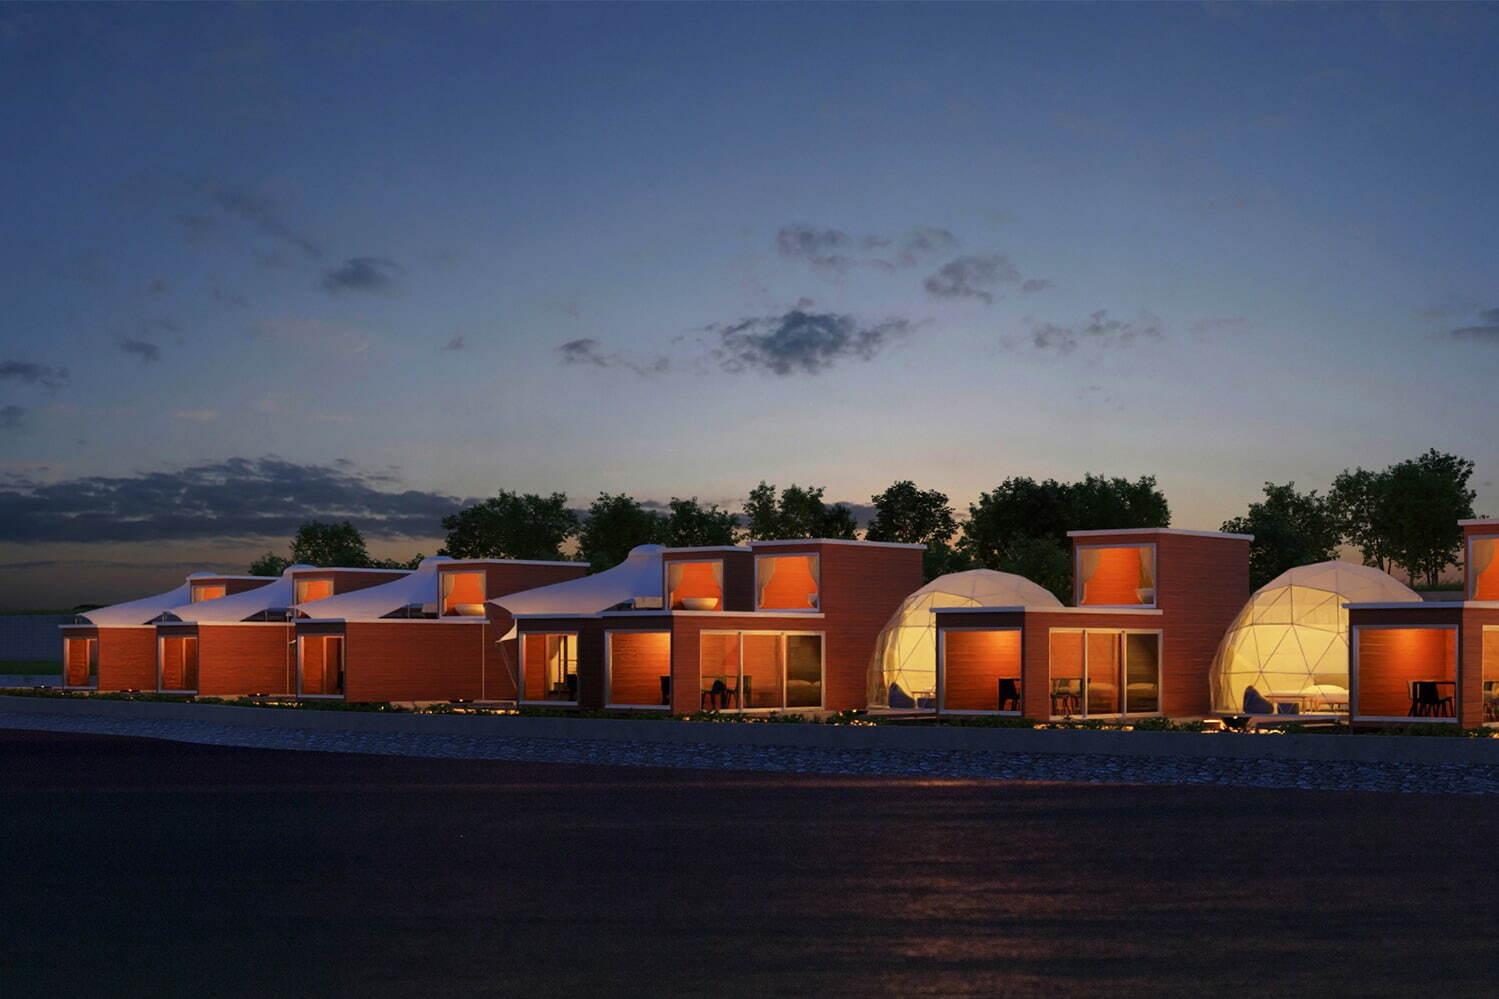 「グランマーレ 淡路」全棟客室温泉付&オーシャンビューグランピング、各テントに専用ガーデンも 写真4